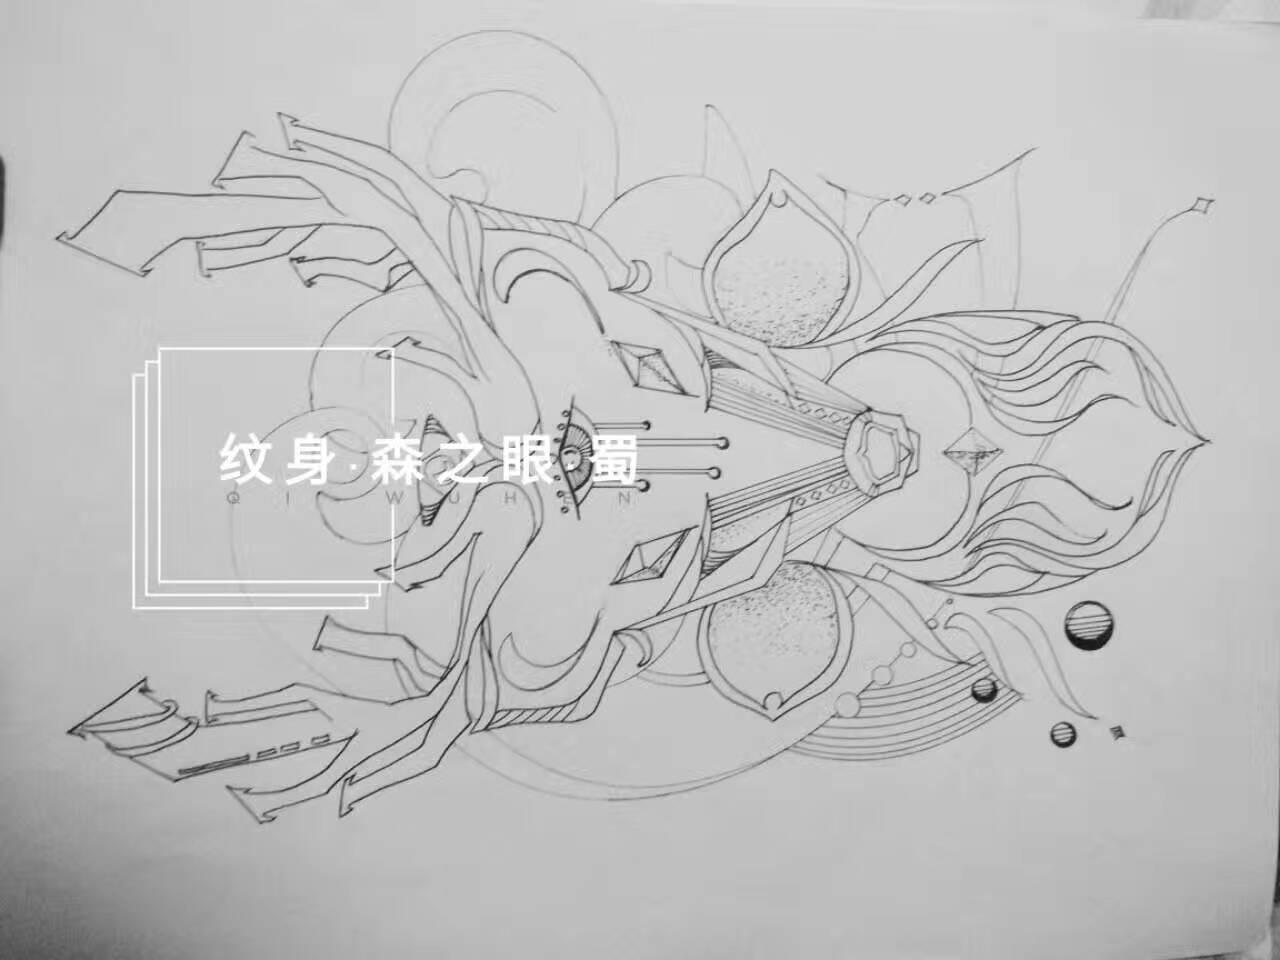 薇恩纹身手绘稿